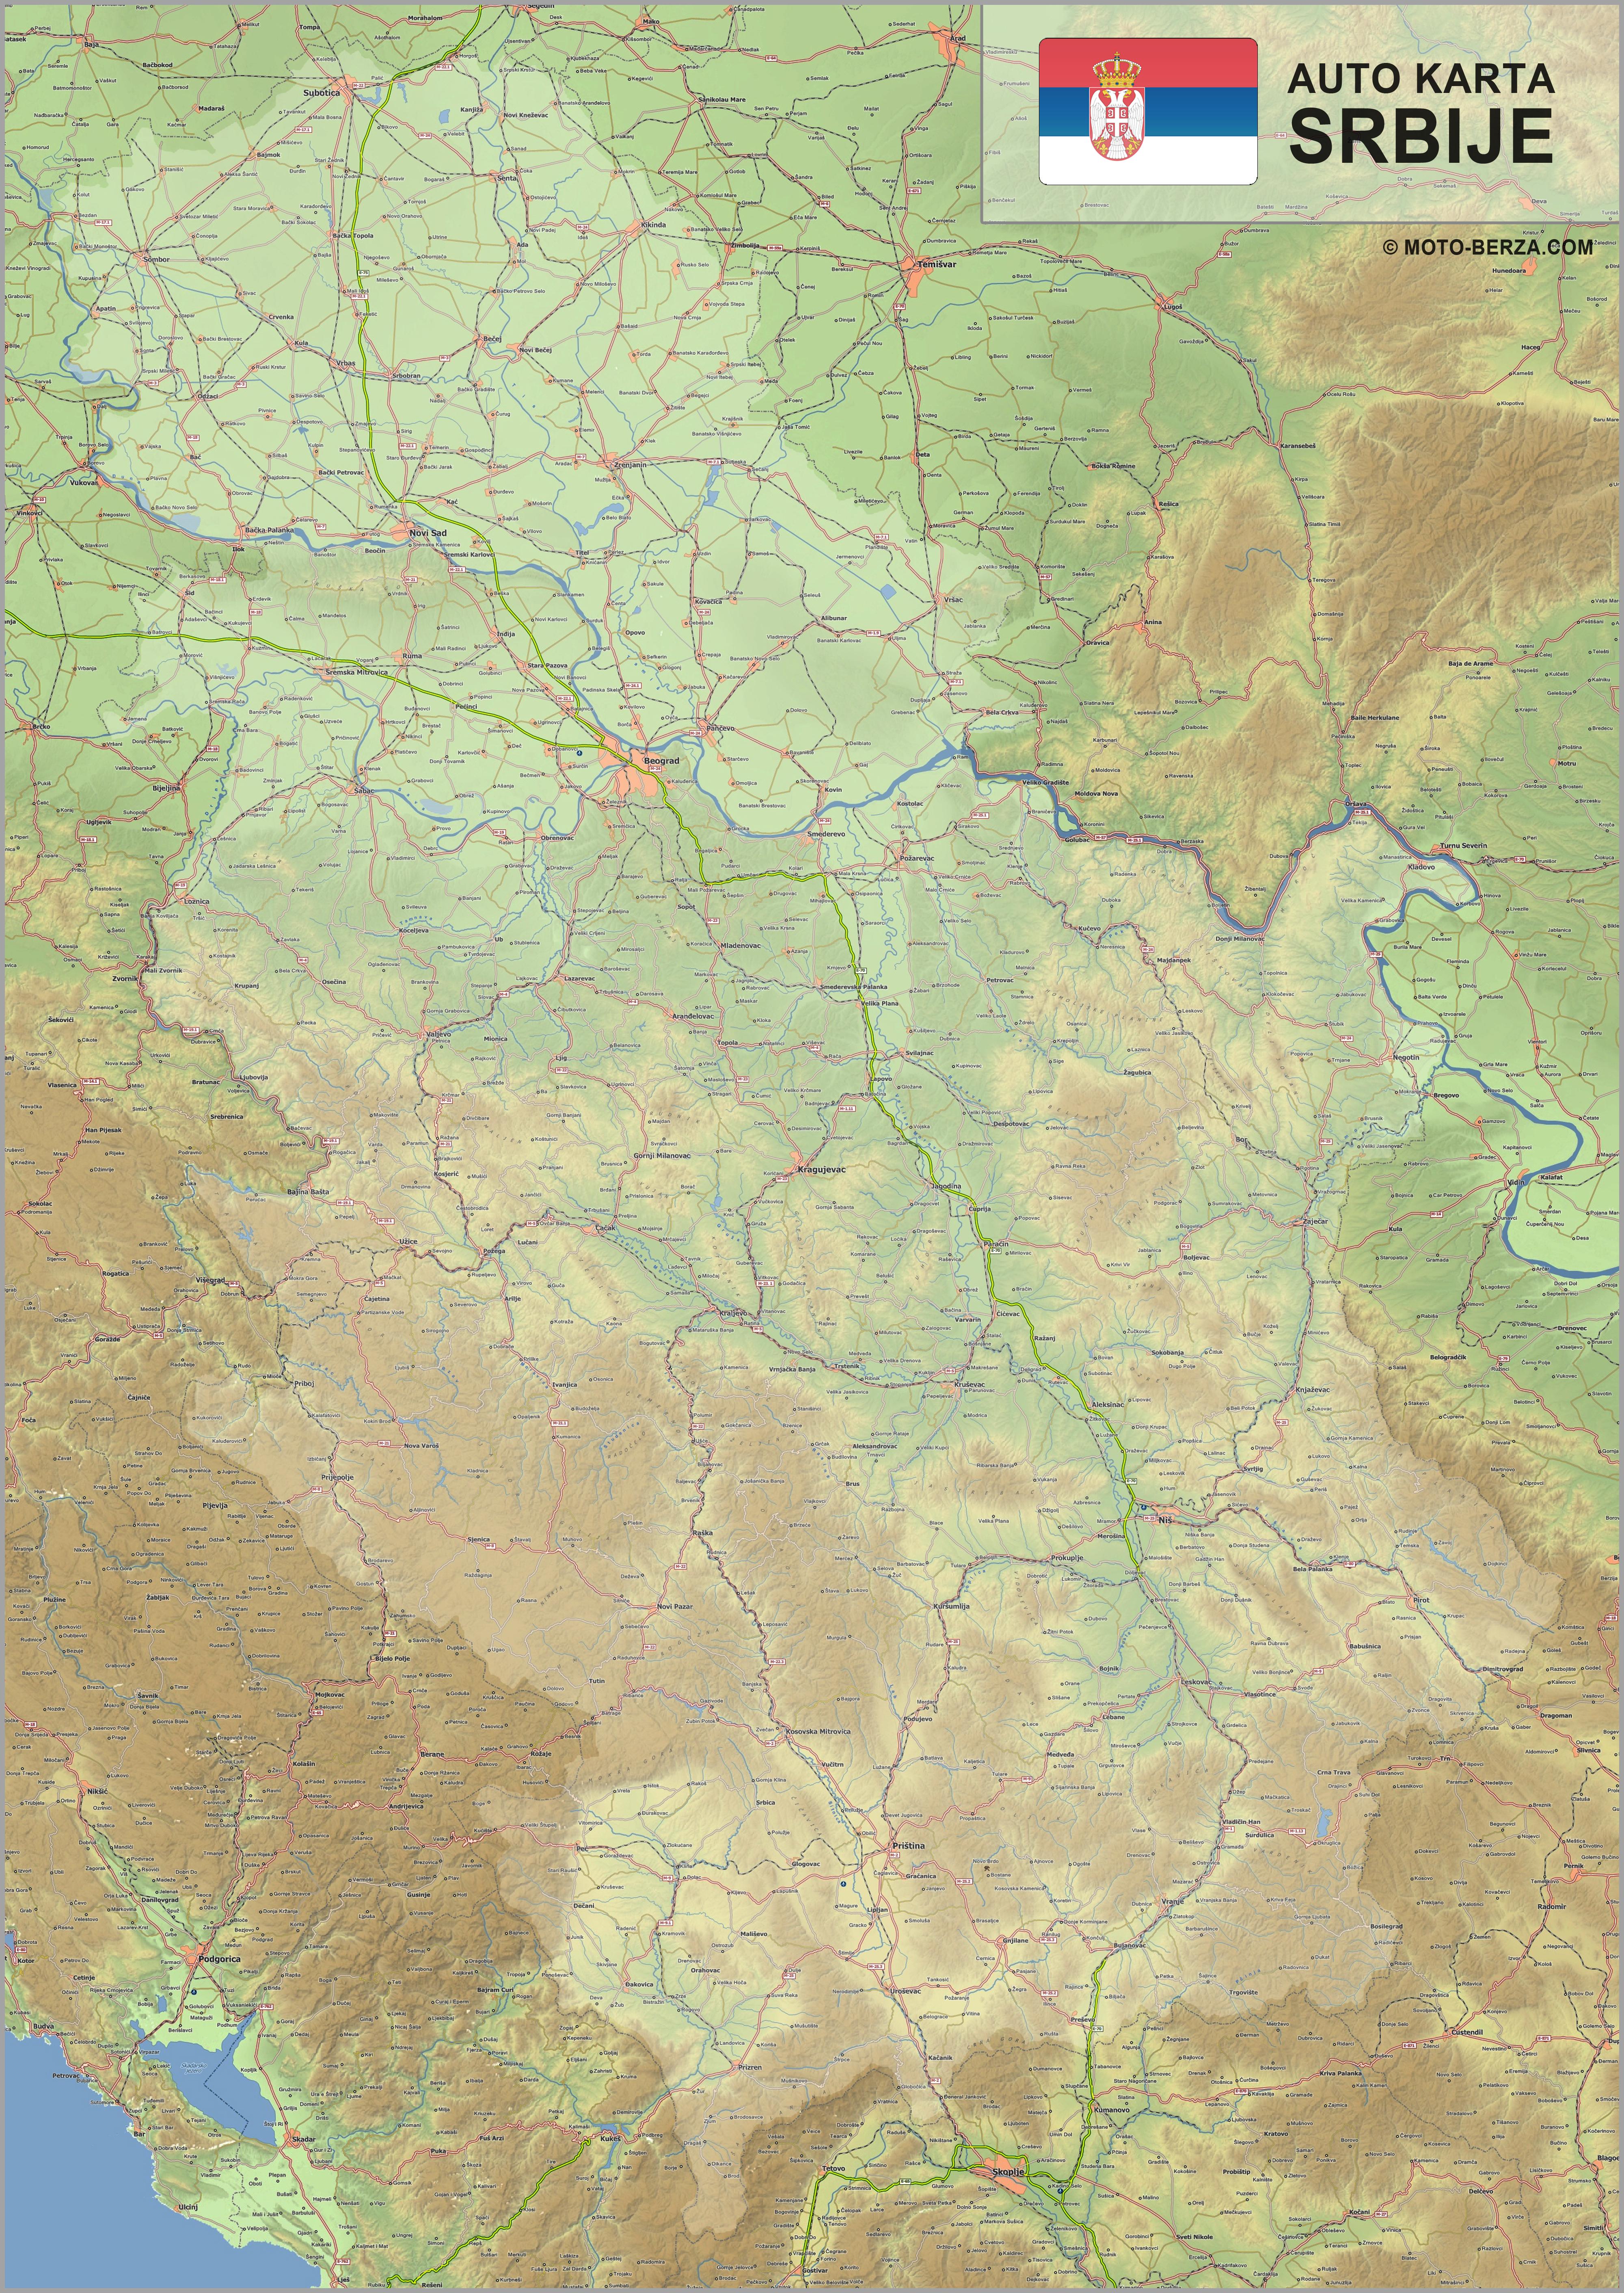 karta geografska srbije Mapa srbije   Auto karta Srbije   Geografska karta sa putevima karta geografska srbije